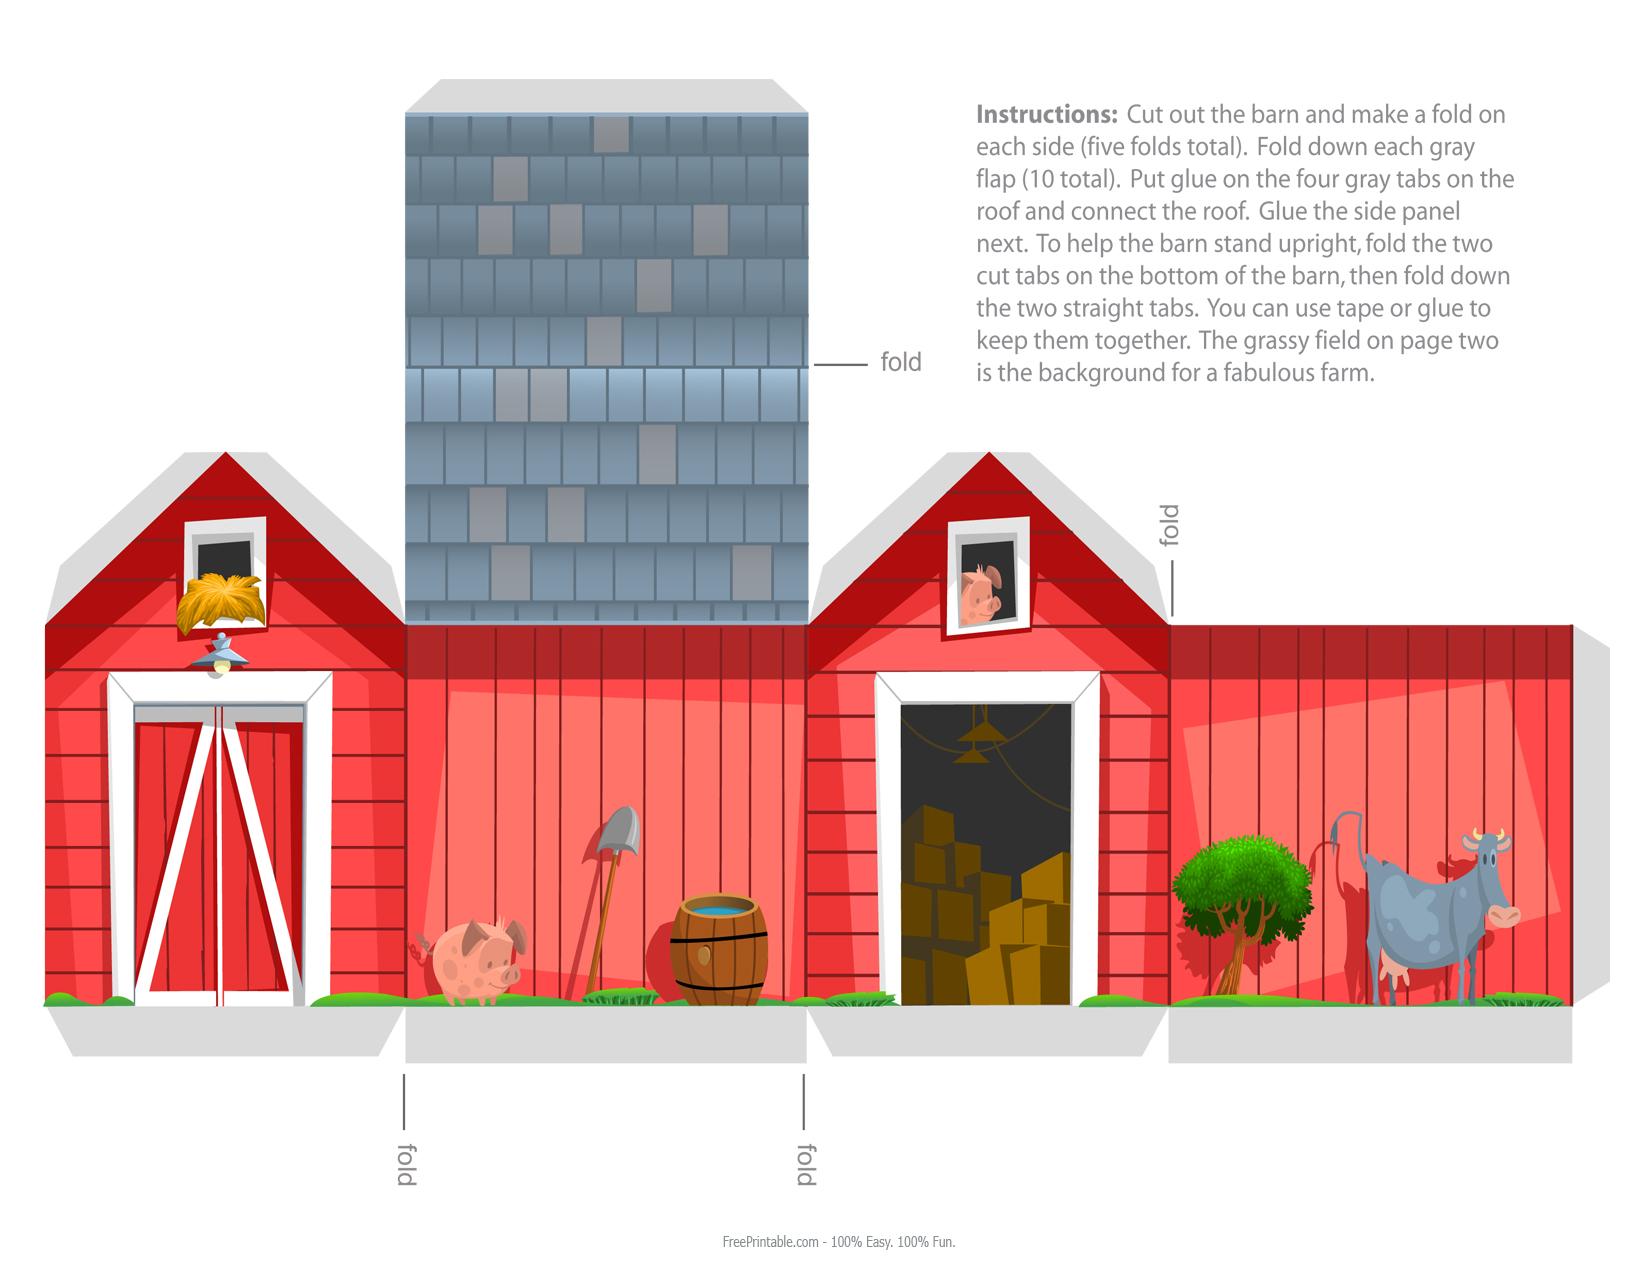 1650 x 1275 jpeg 619kB, Print - Red Barn Paper Craft